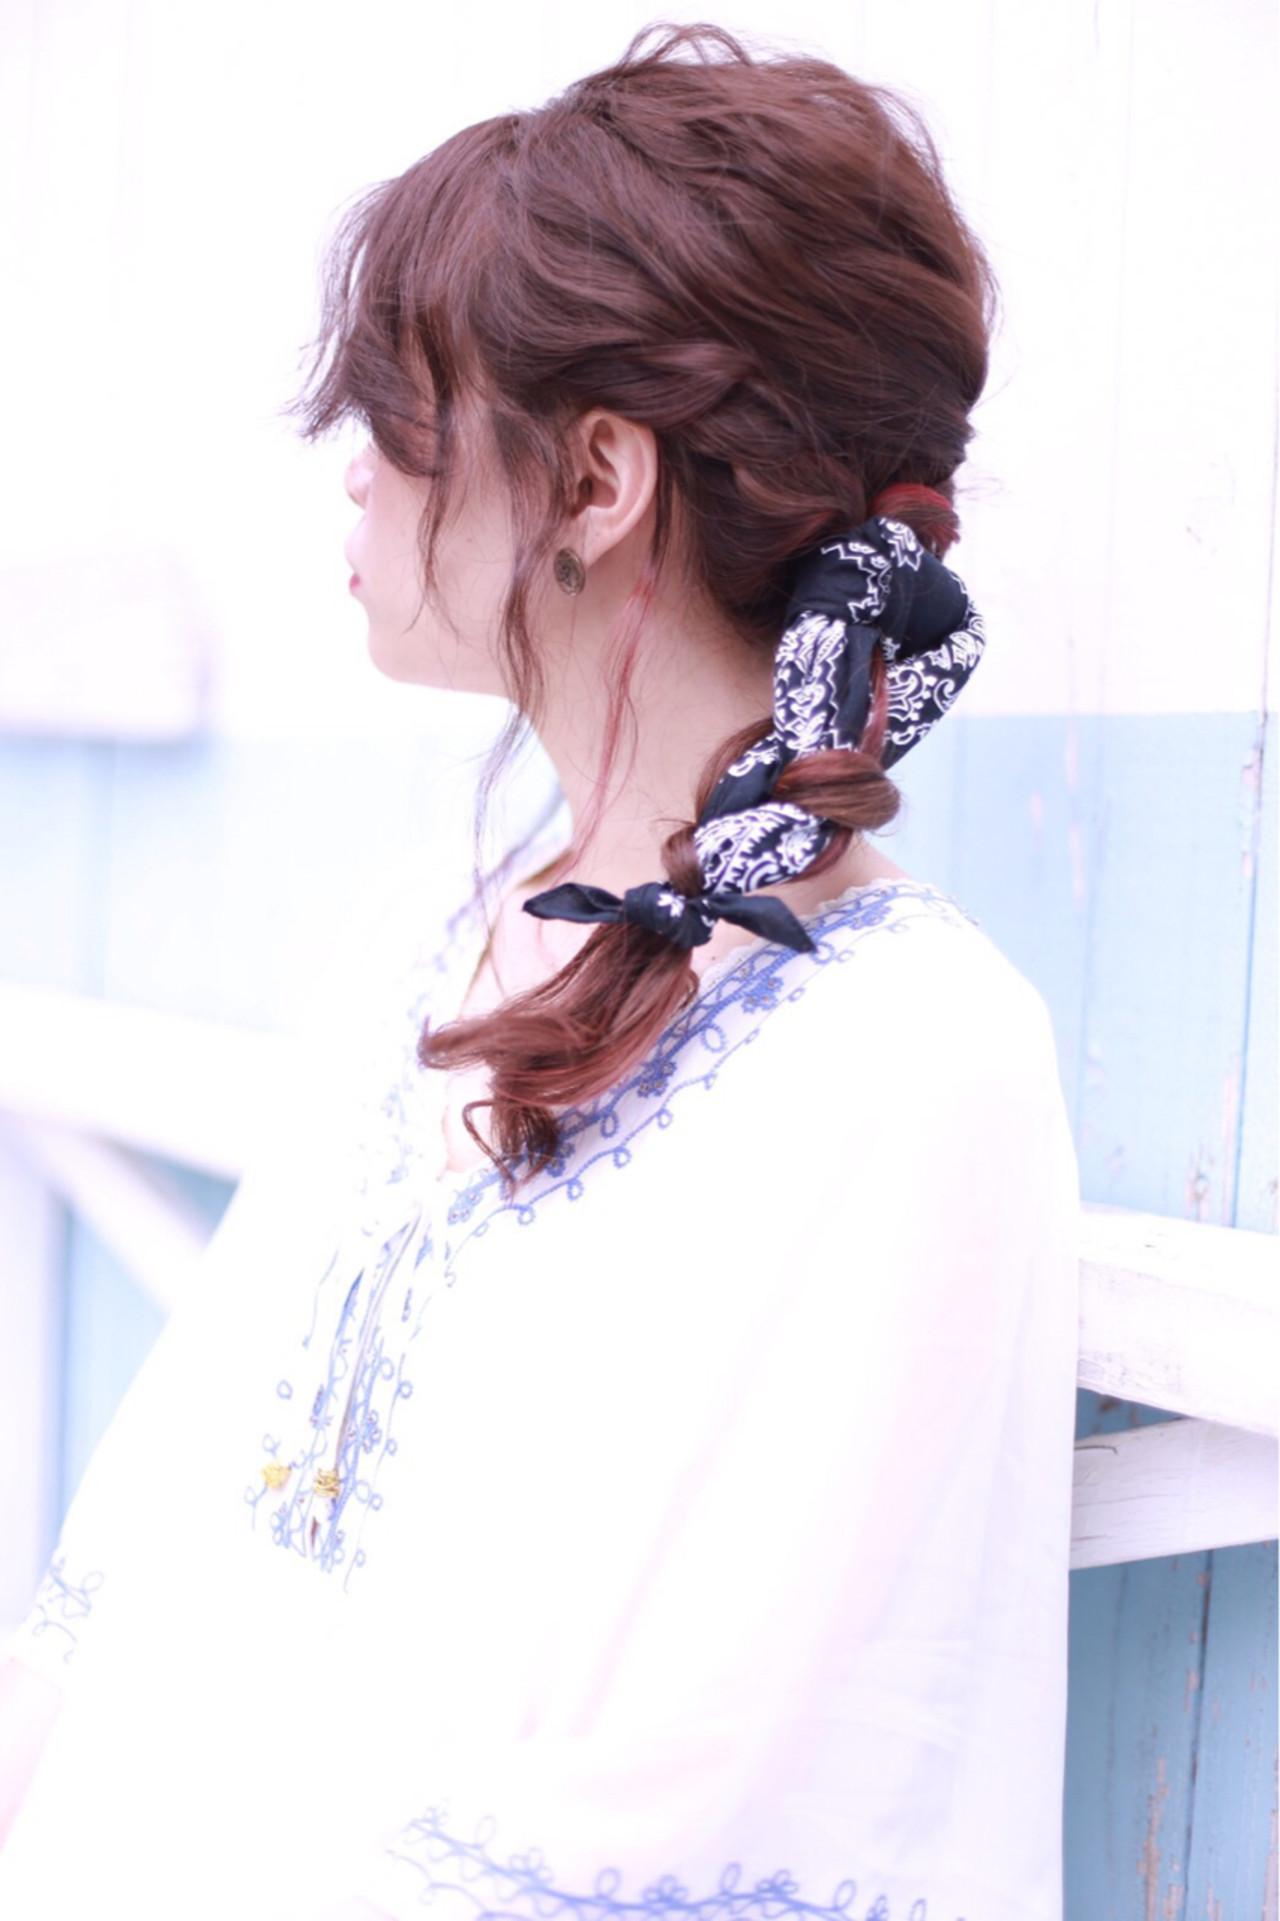 夏が来た!!夏フェス参加者必見♡おすすめ髪型8選の18枚目の画像